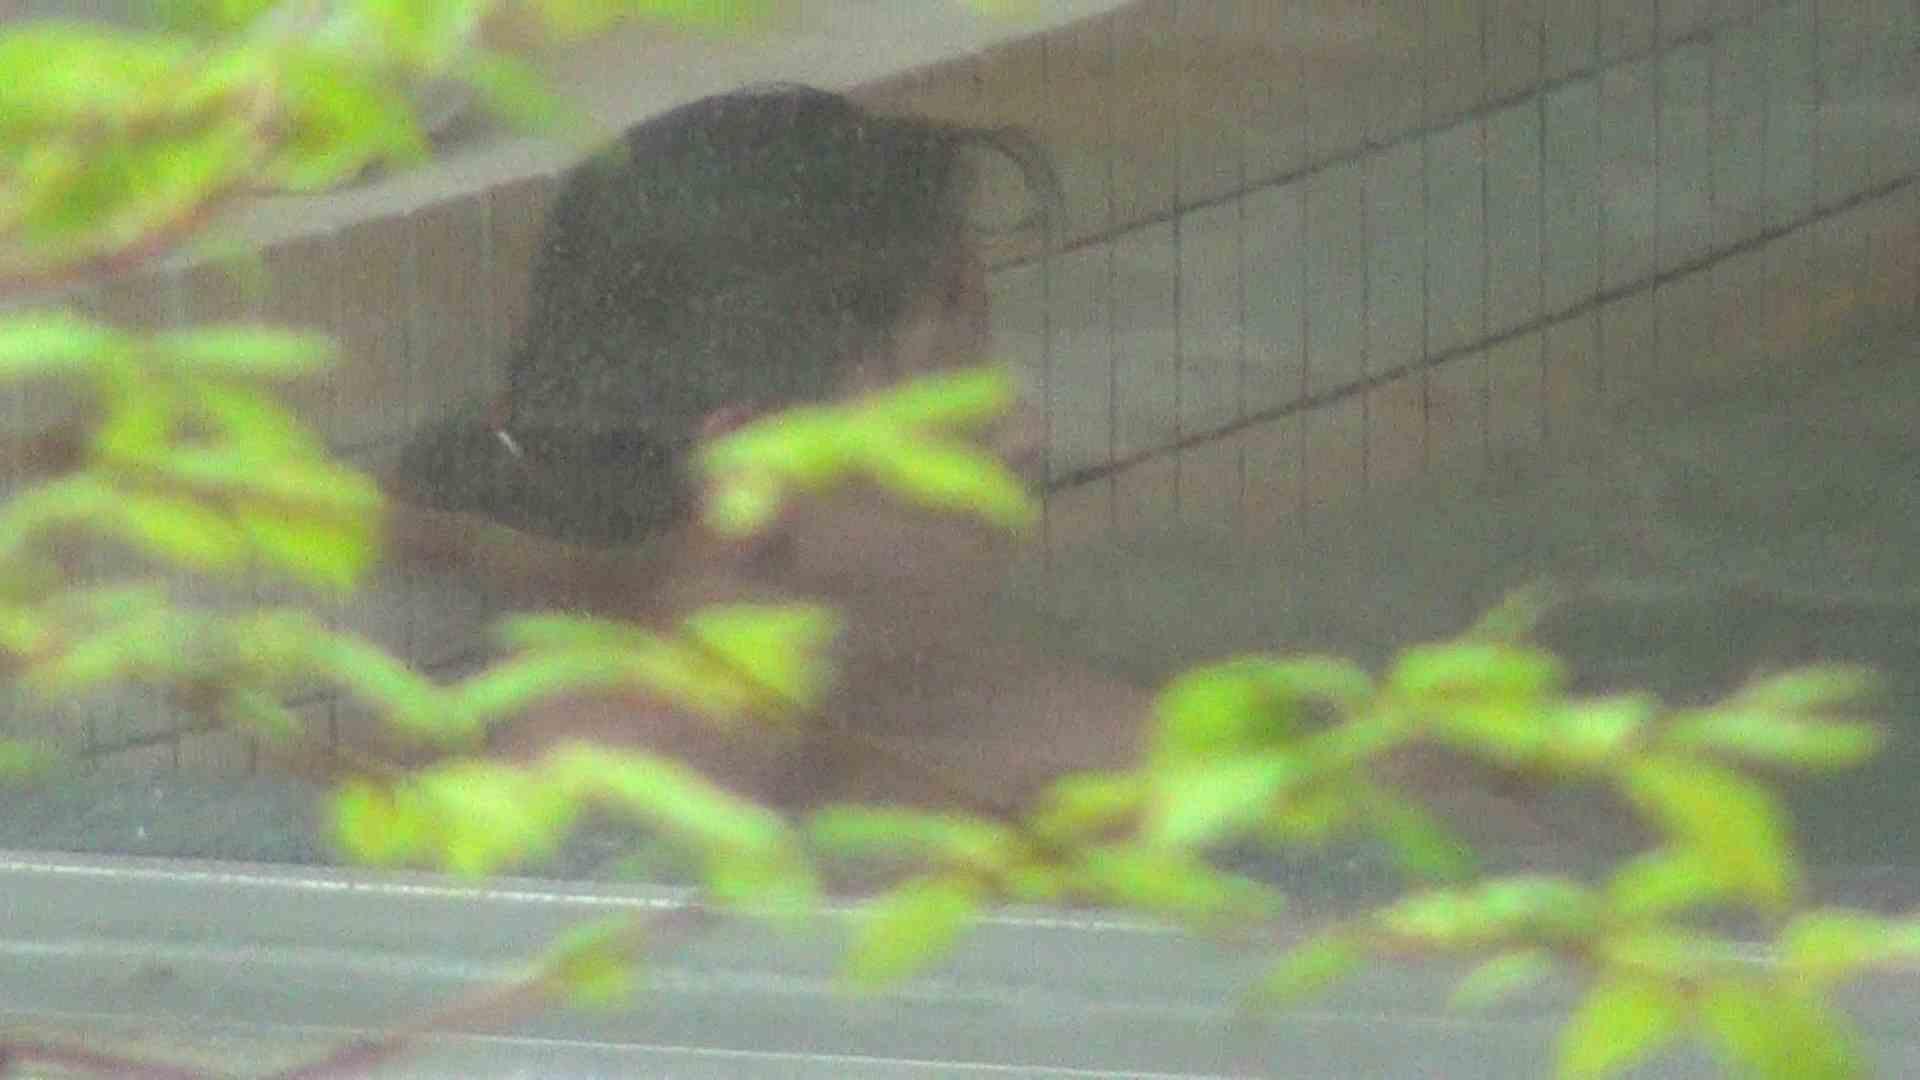 ハイビジョンVol.9 美女盛り合わせ No.3 露天覗き オマンコ無修正動画無料 101枚 75